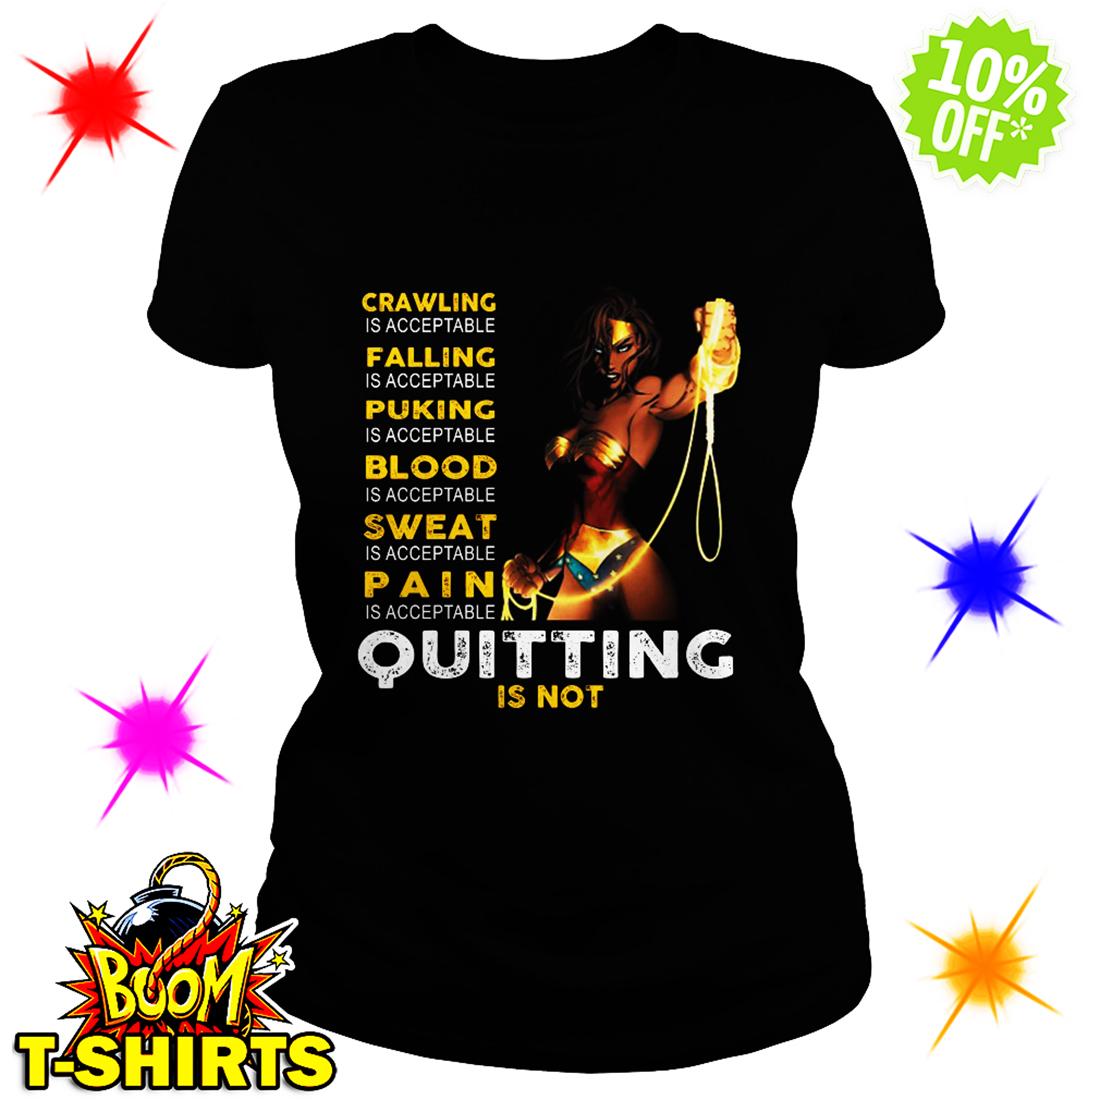 Wonder Woman Crawling Falling Puking Slood Sweat Pain Quitting is not shirt